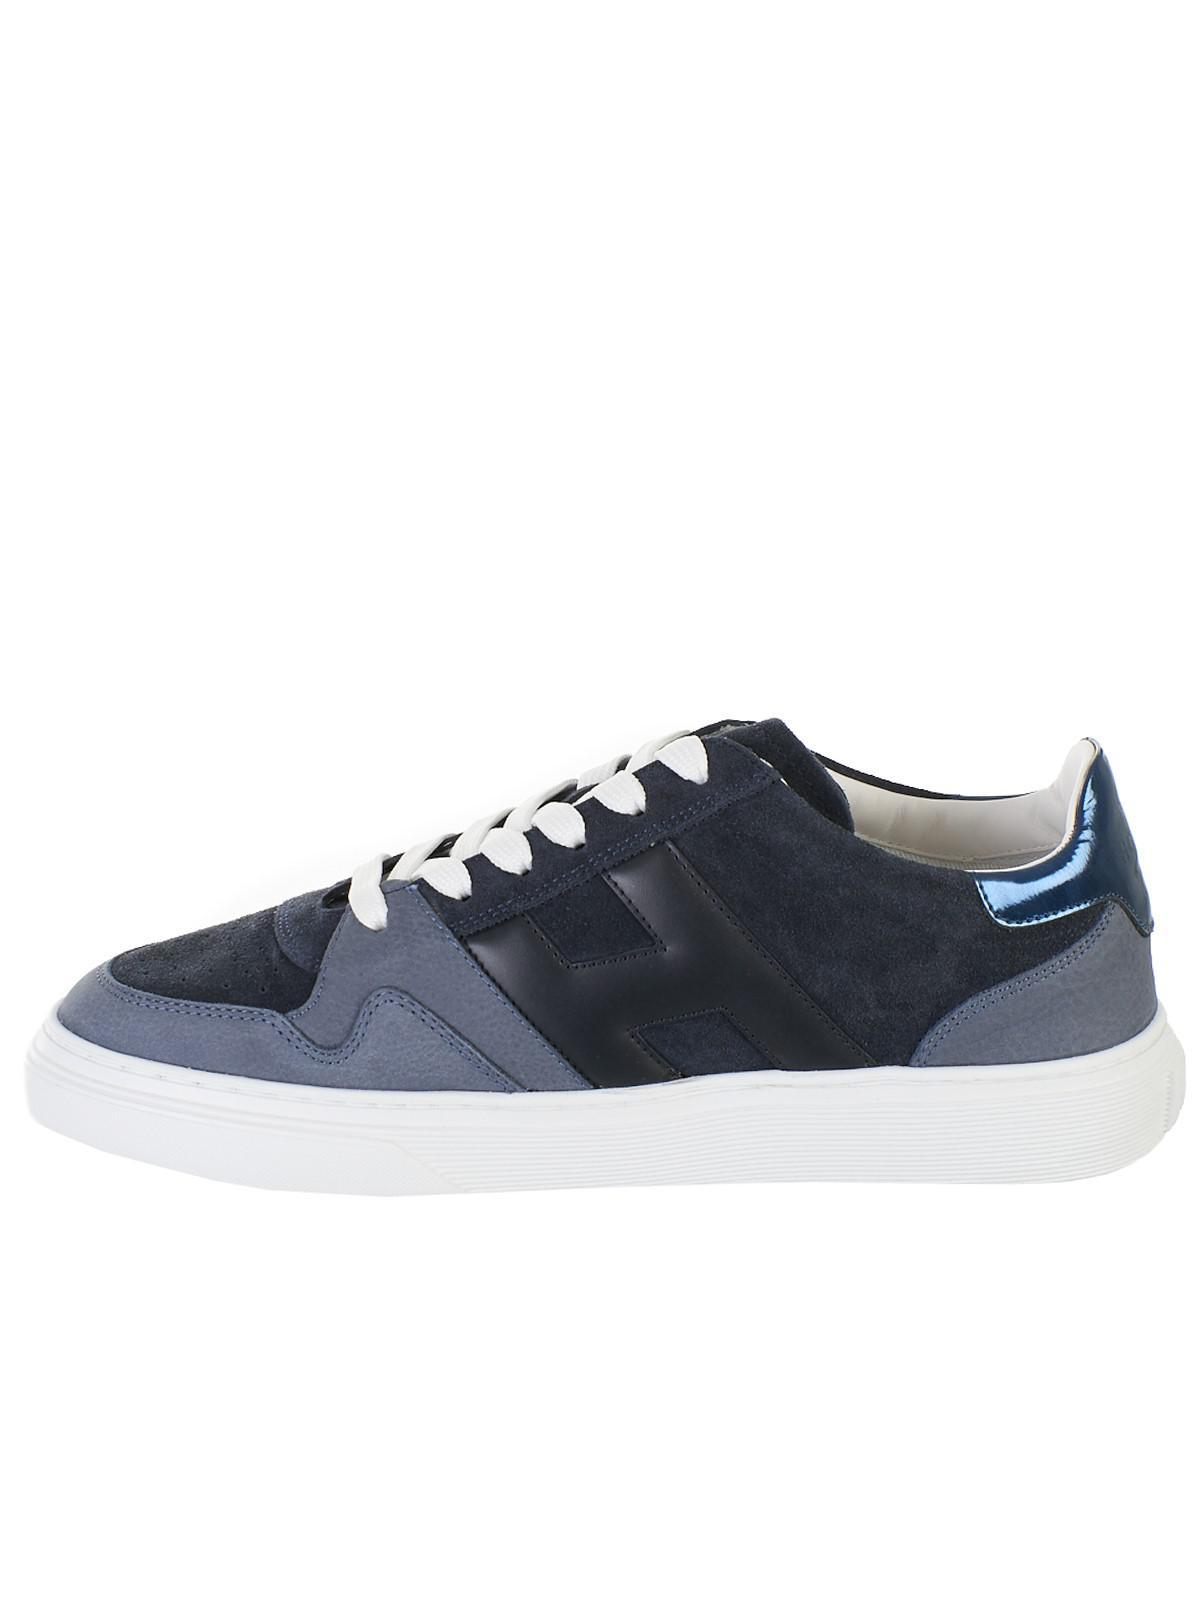 meilleur authentique 03240 8f55a Lyst - Hogan Blue Basket Sneakers in Blue for Men - Save 2%